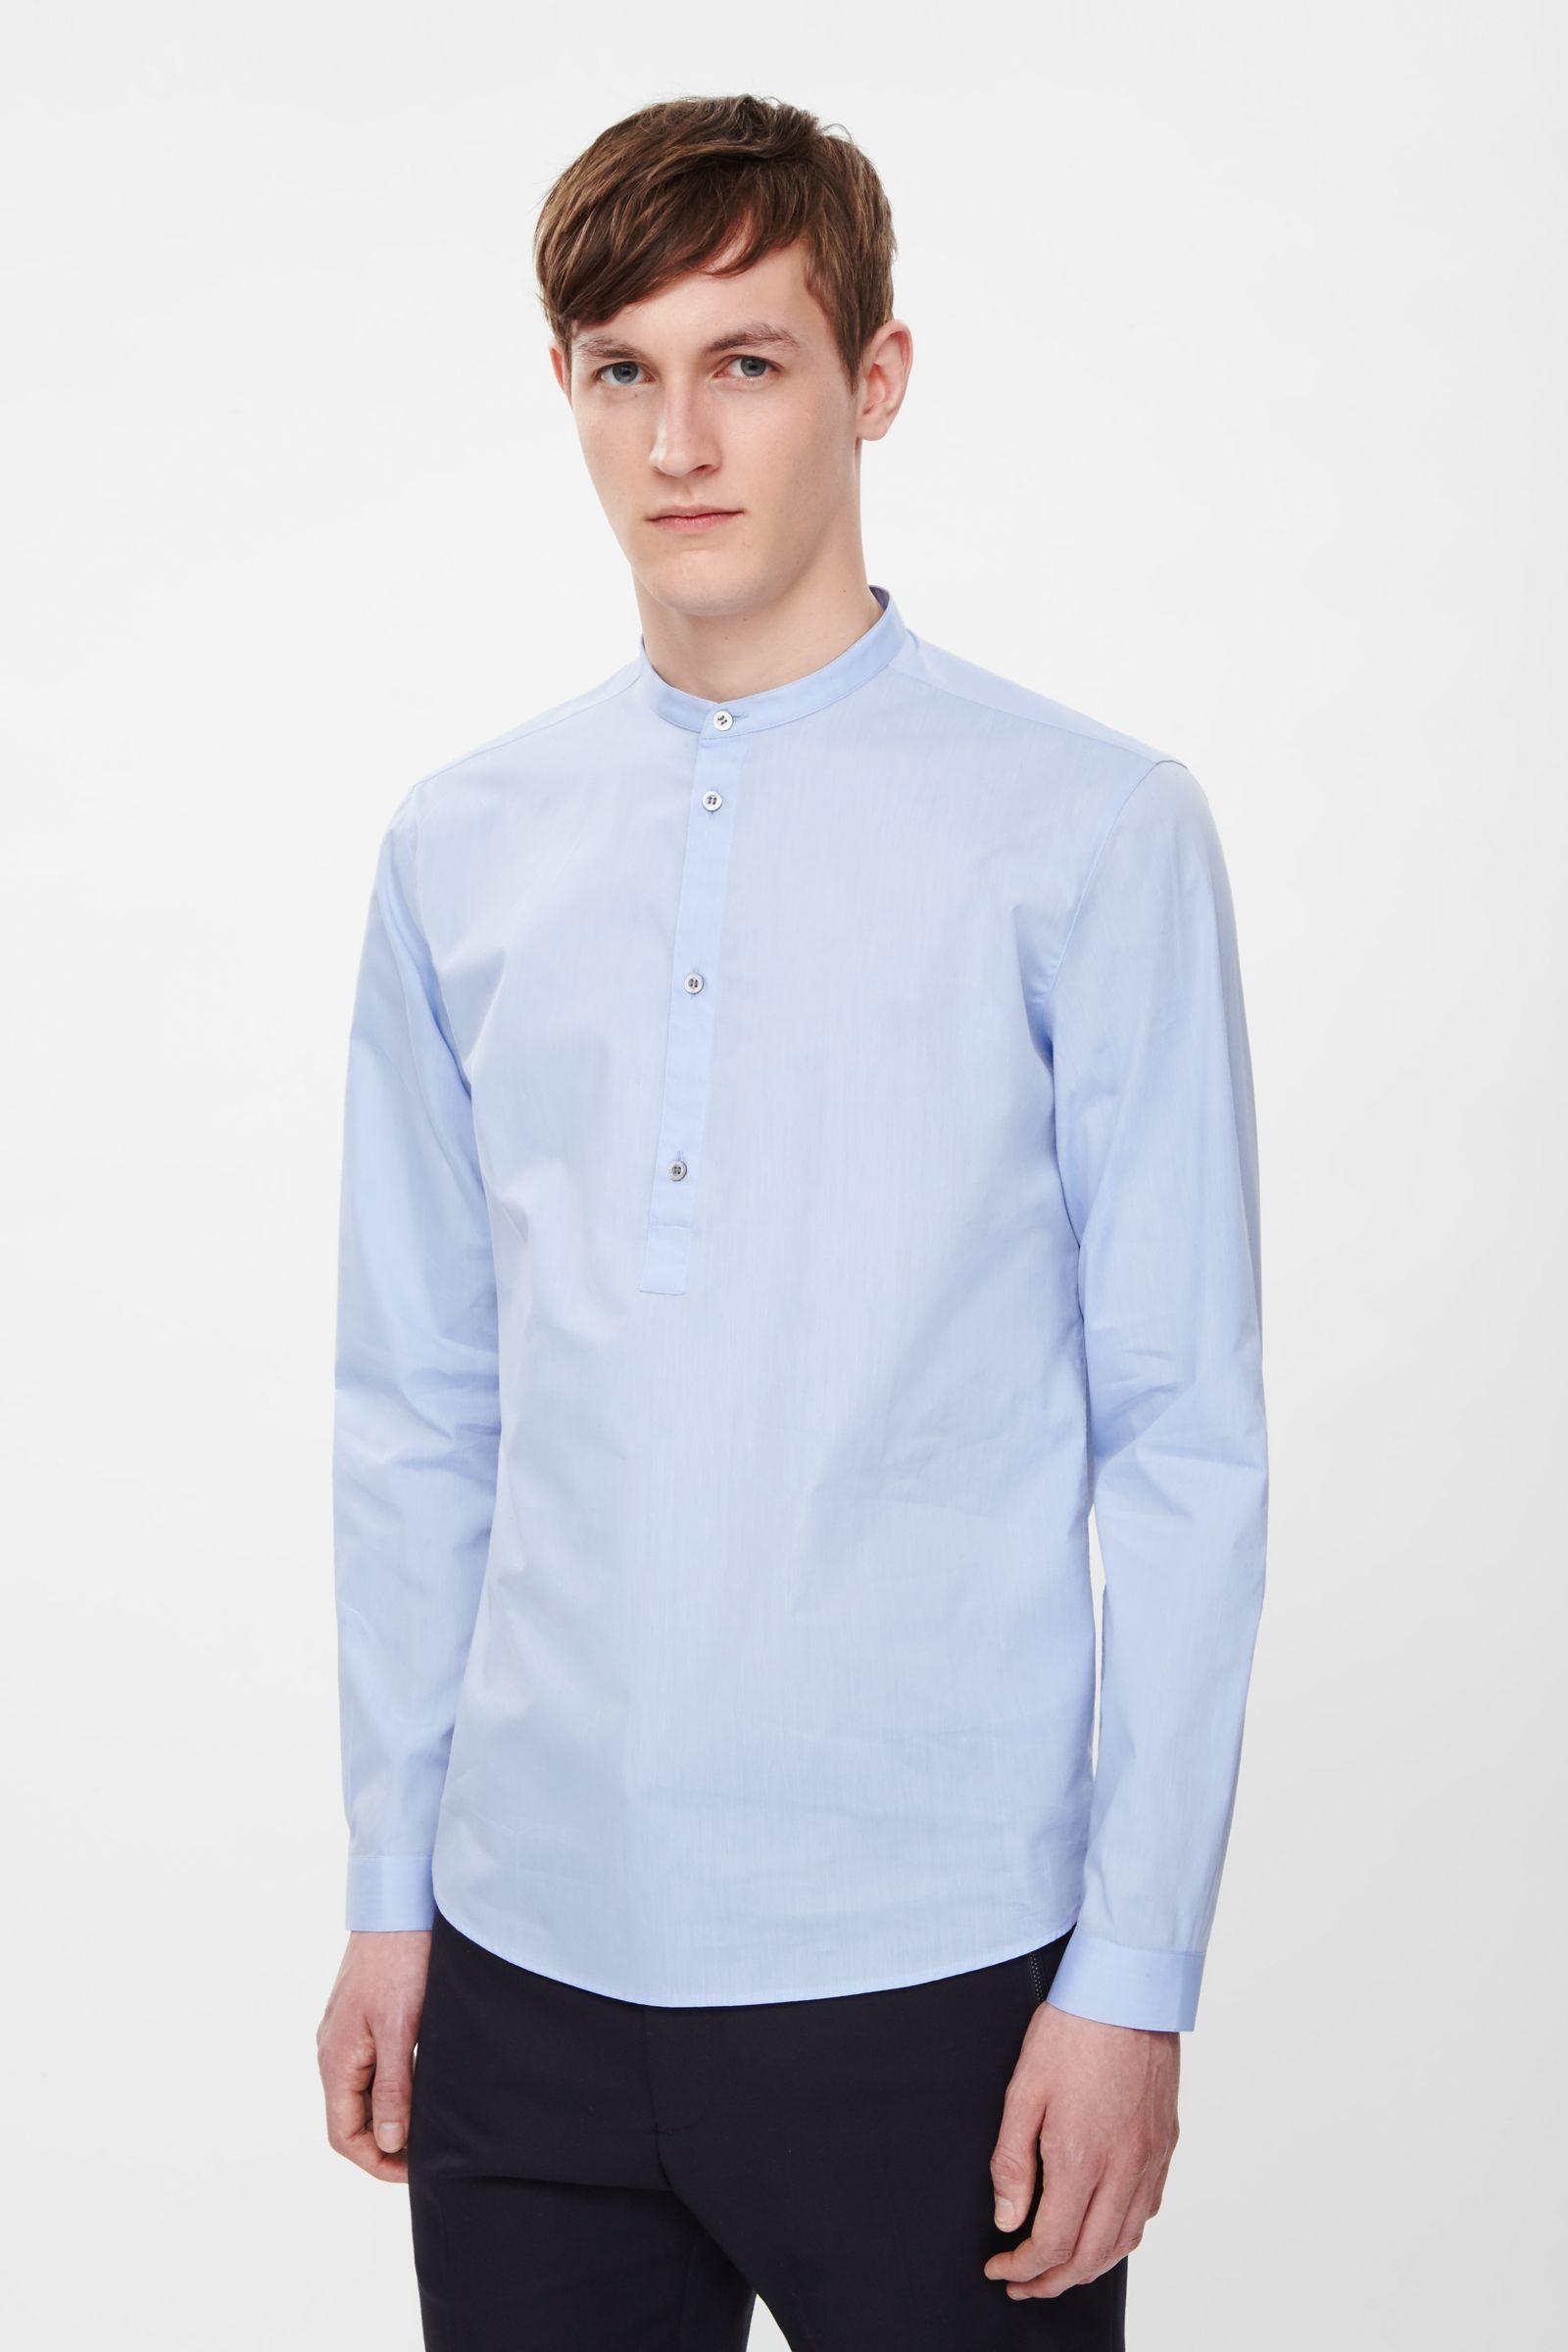 52c6b94be6b2 Poplin tunic shirt